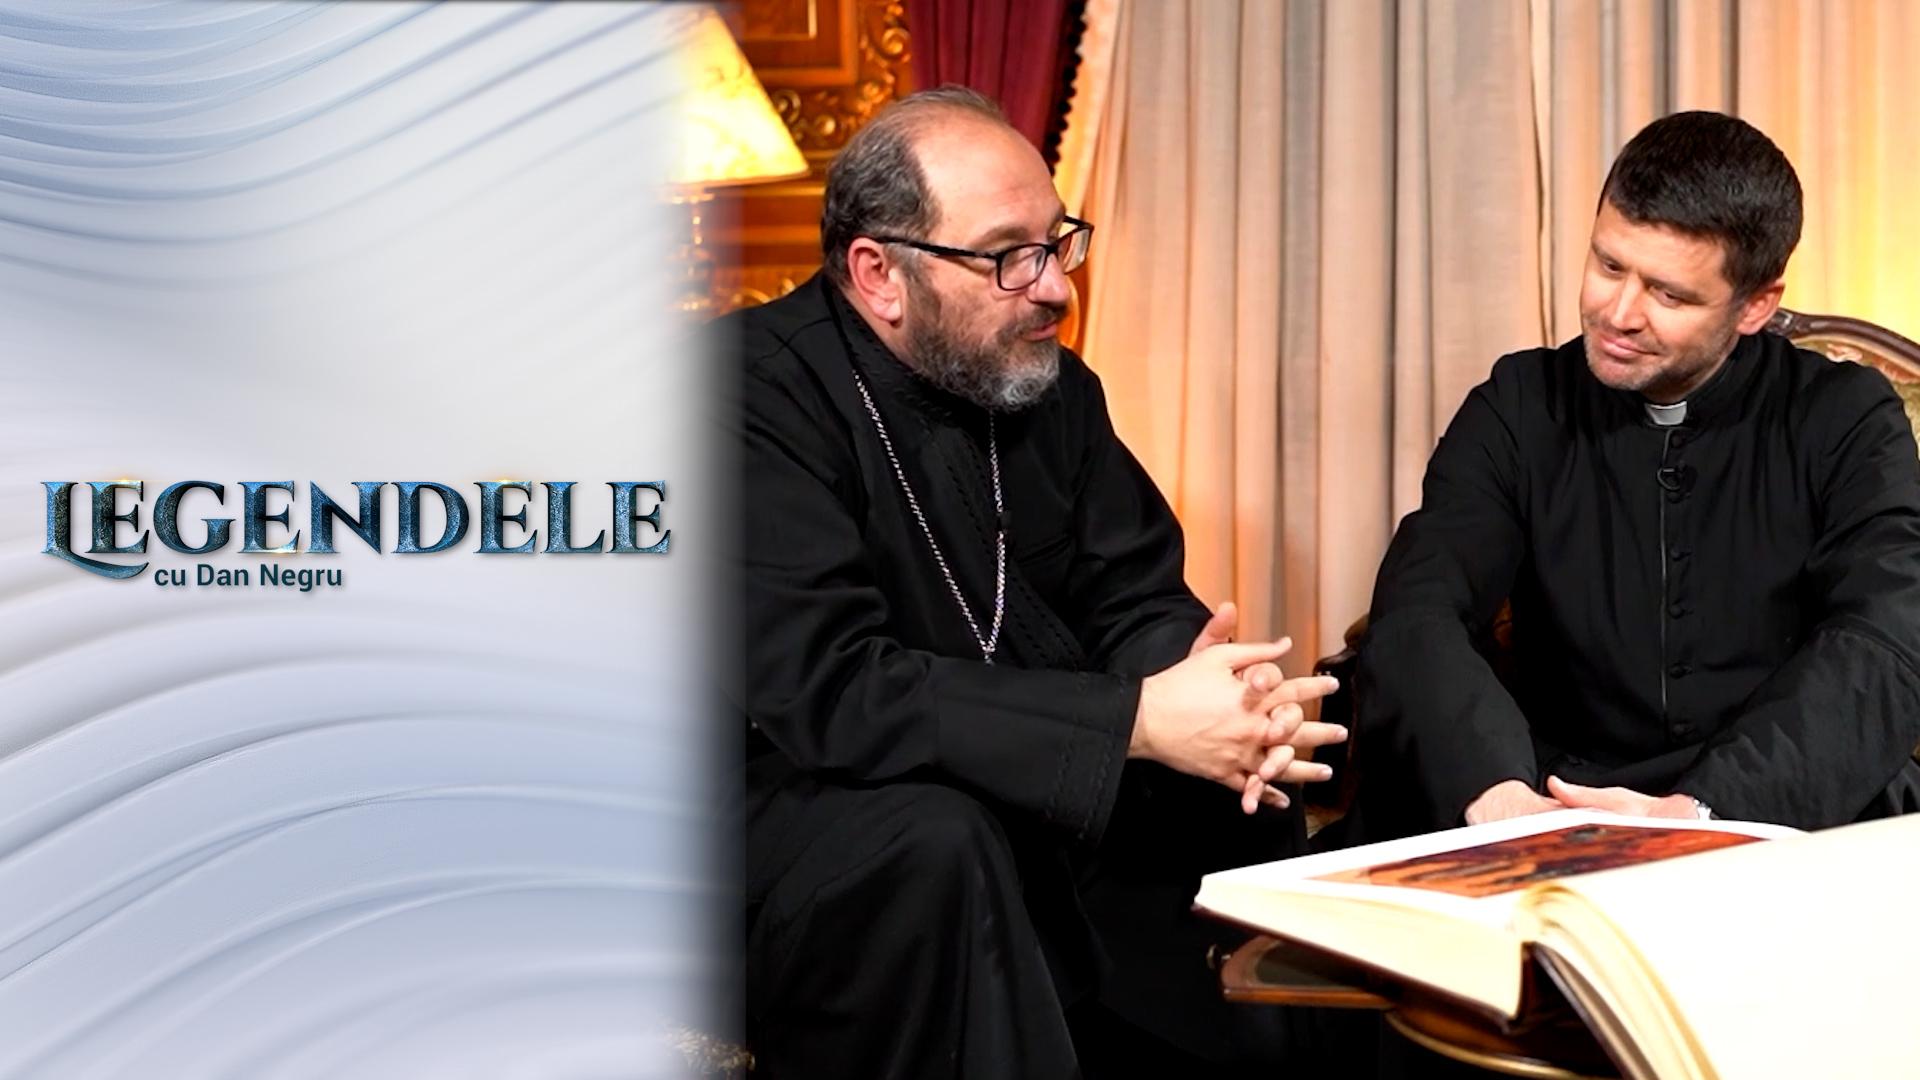 Legendele cu Dan Negru - Interviu Părintele Necula și Părintele Francisc